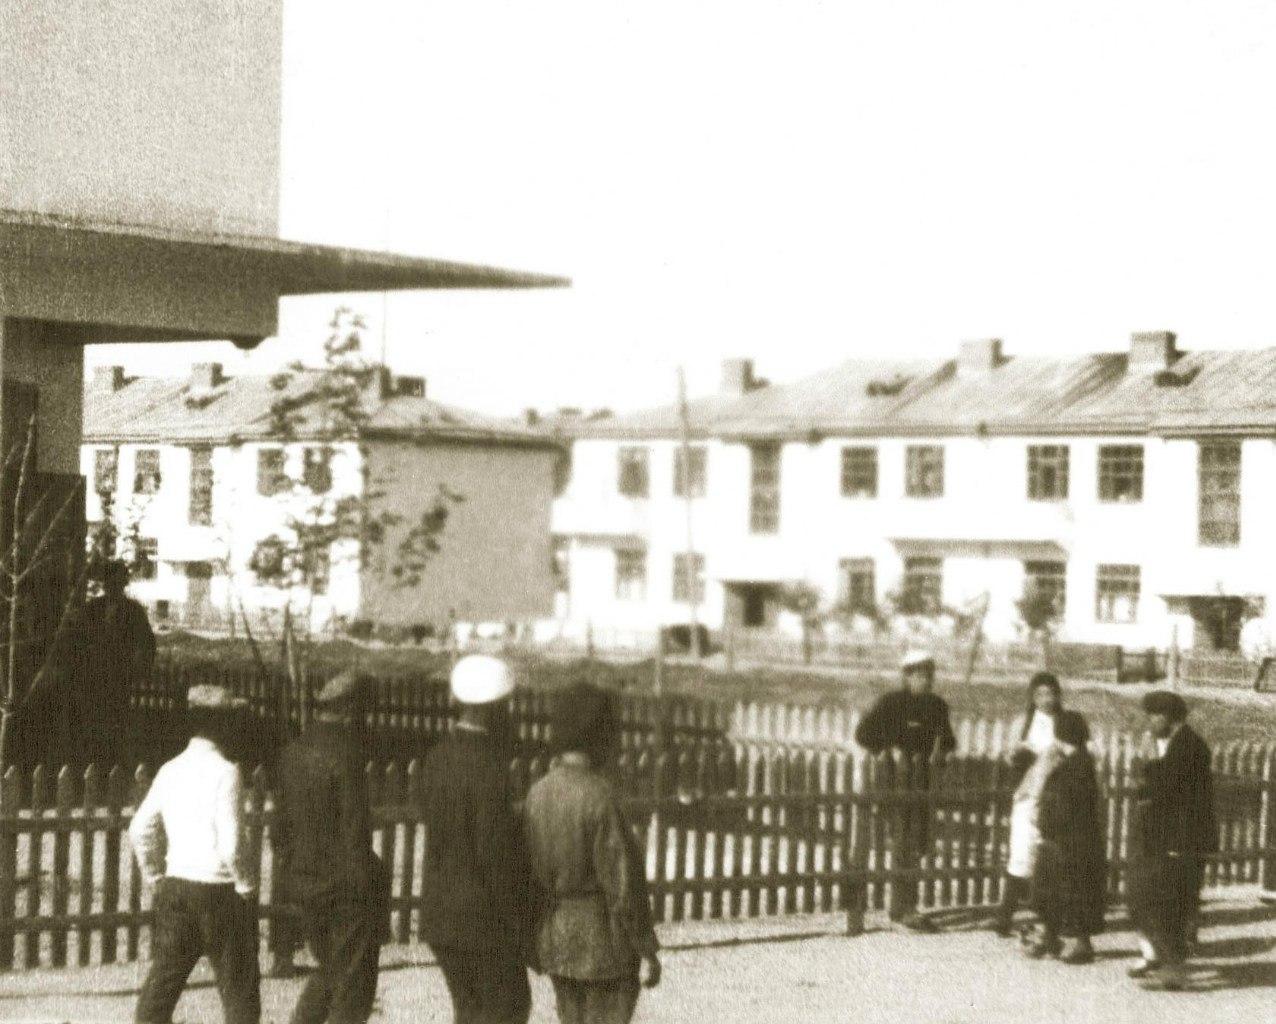 На перекрестке настоящих улиц Губаревича-Ленина. На месте жилых домов сейчас Ростелеком. 1933 год.